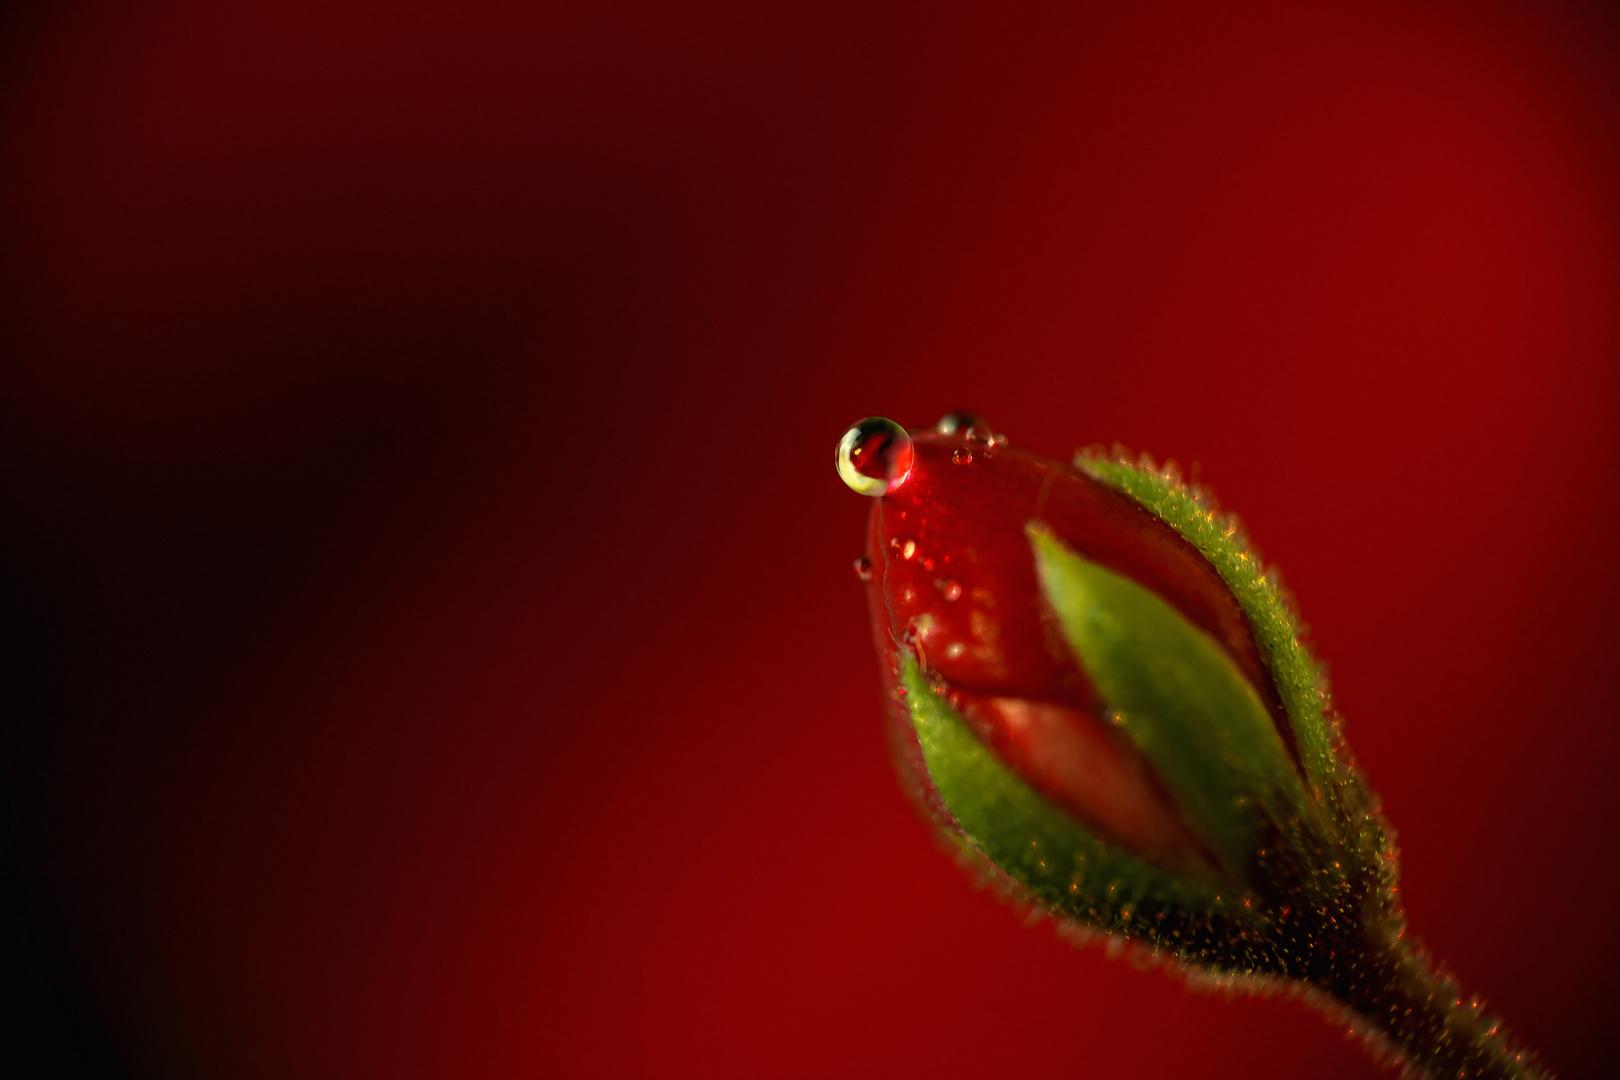 die einsame ungeöffnete rose mit dem tropfen ...